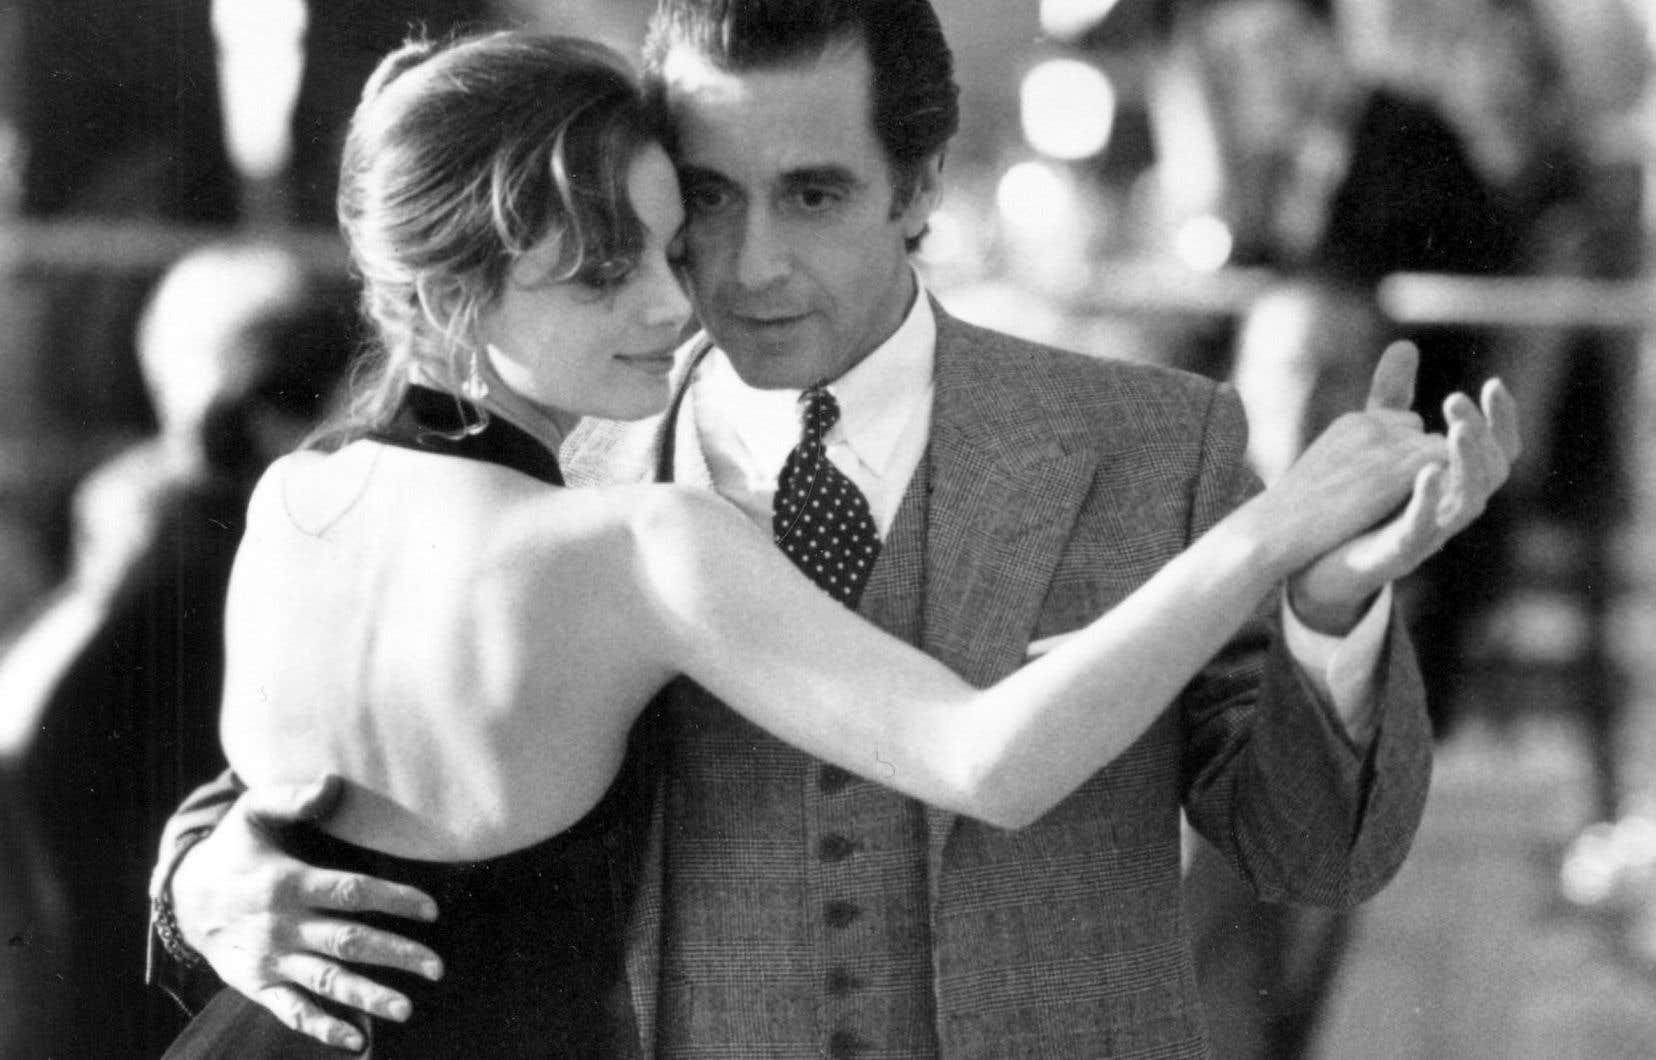 L'amour est une danse aveugle, pas une comptabilité où le désir est systématiquement objectifié. Al Pacino dans «Scent of a Woman» en tanguero atteint de cécité.